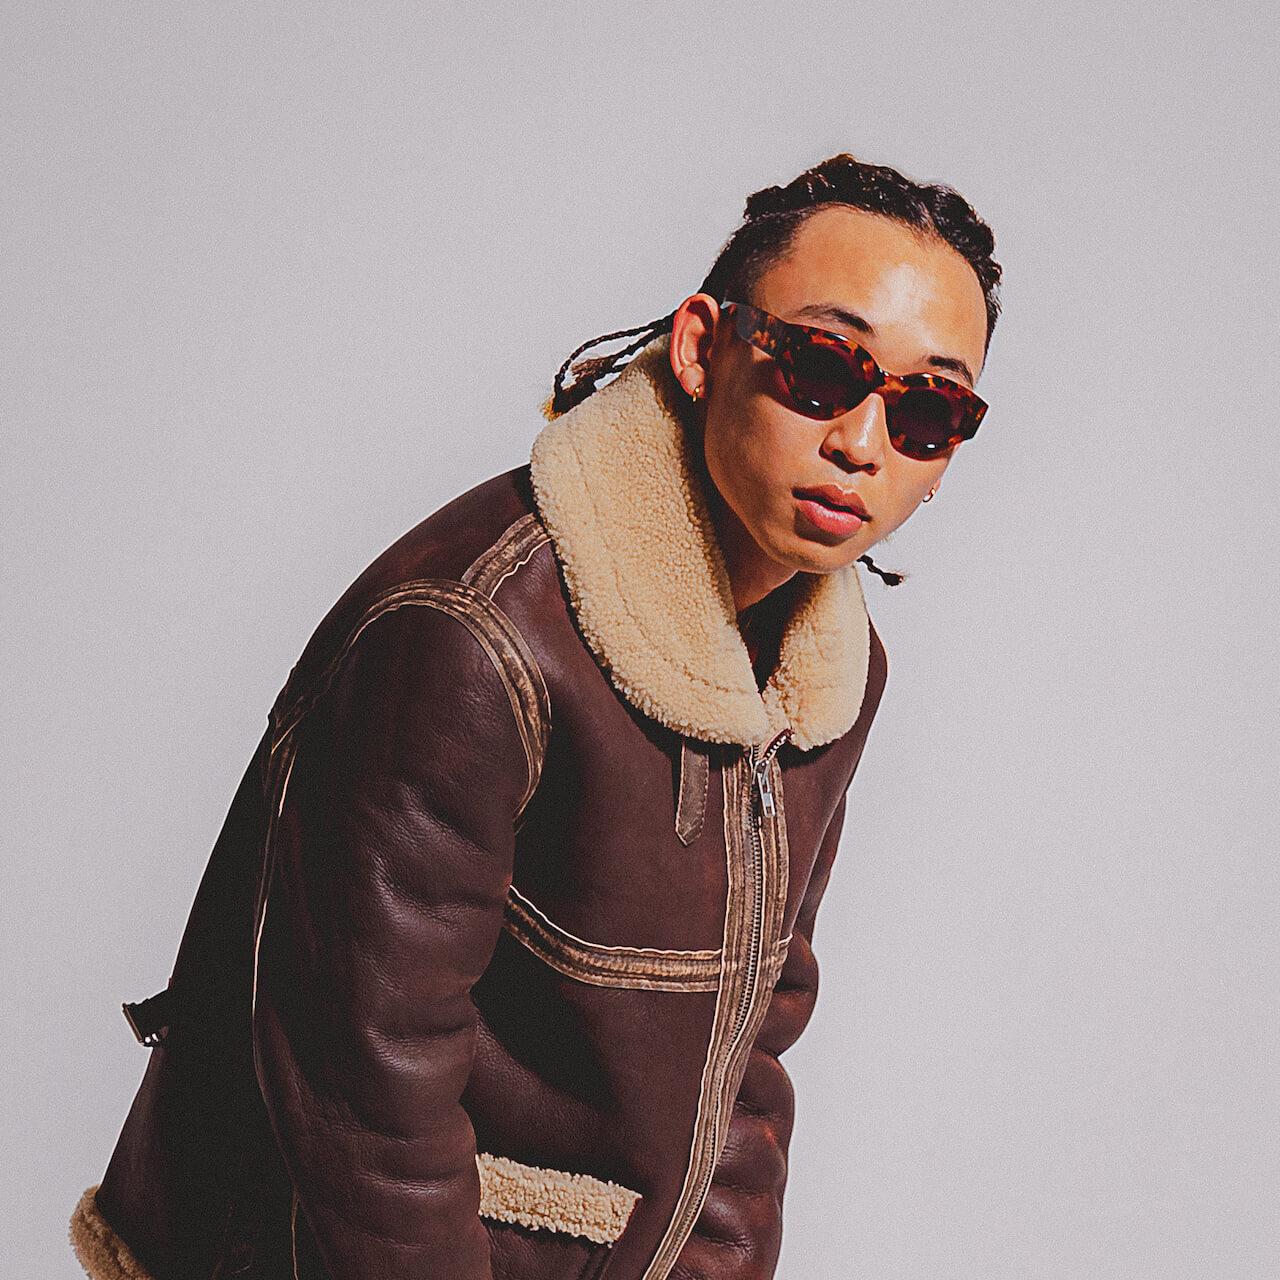 Taeyoung Boyが自身最後の作品?となるEP「THE BOY IS」をリリース OZworld、GAEA、KM、Ryo Takahashiらが参加 music191225-taeyoungboy-1